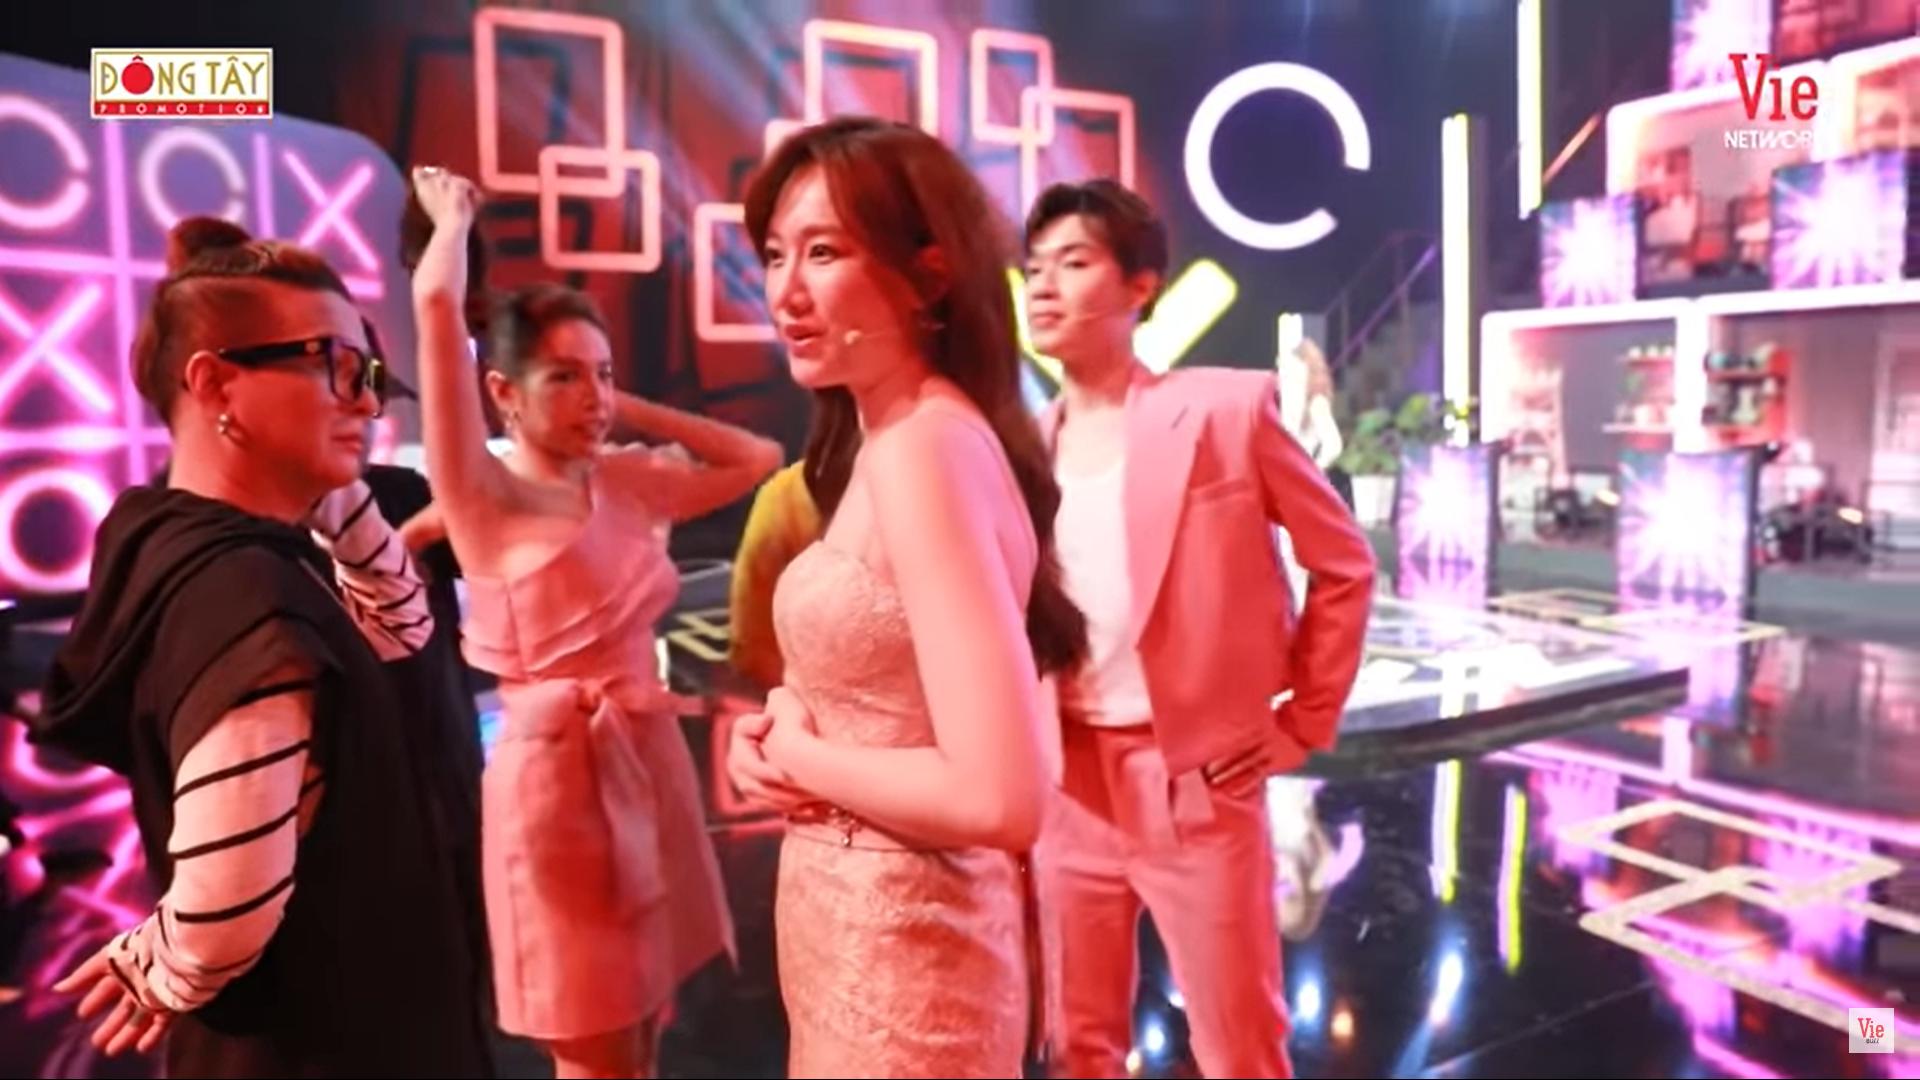 Trường Giang tiết lộ khối bất động sản khủng của vợ chồng Trấn Thành, Hari Won - Ảnh 3.